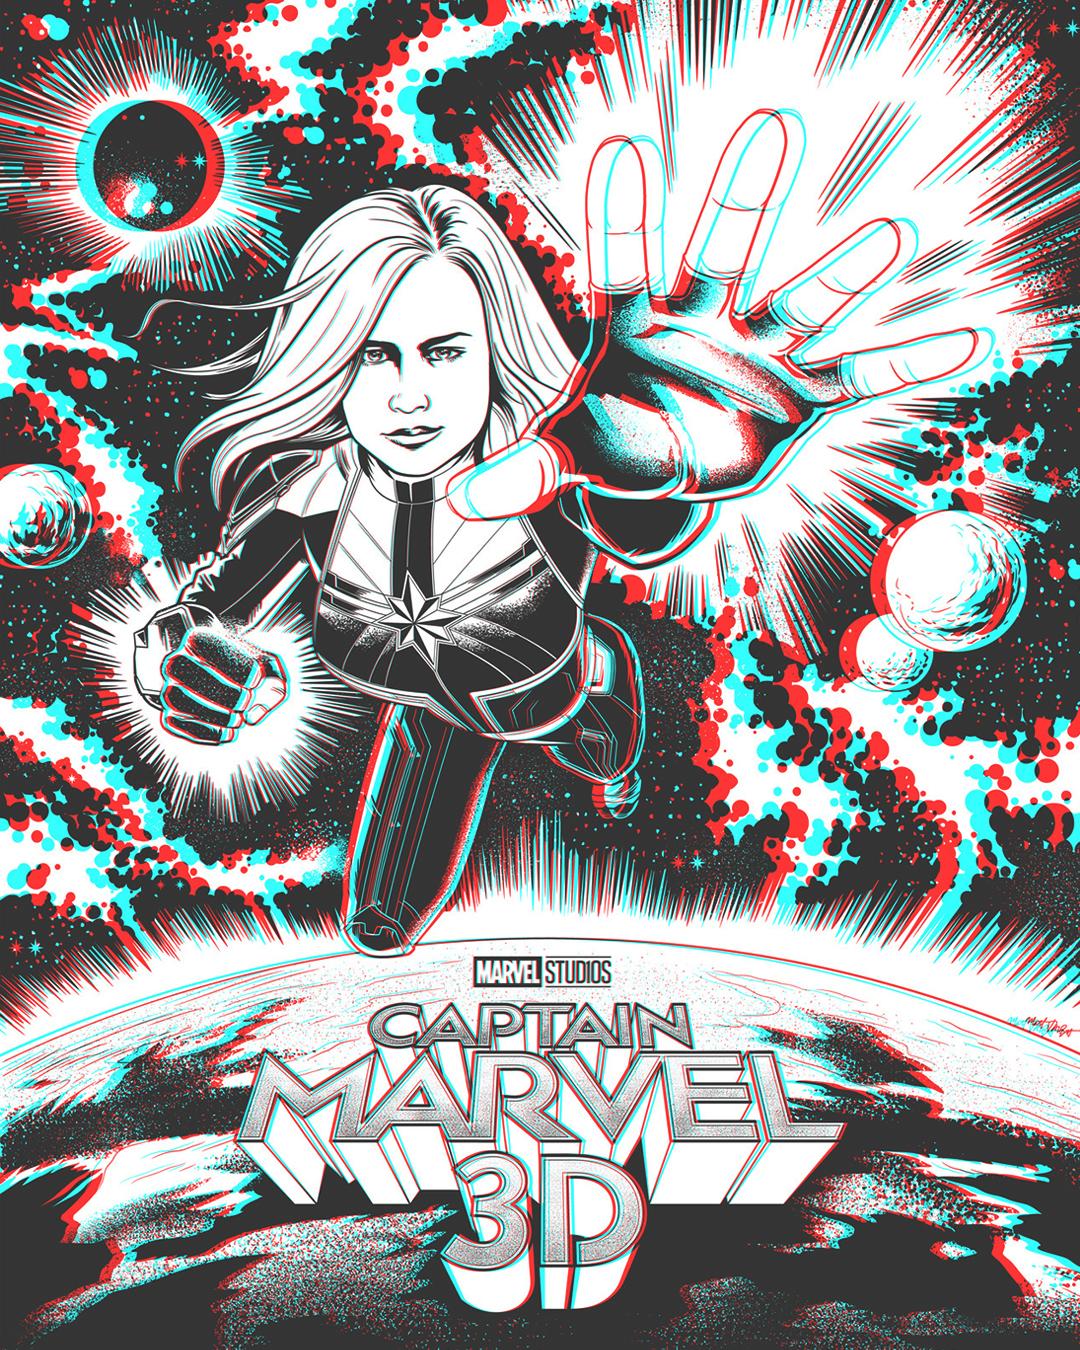 Captain Marvel 3D poster by Matt Talbot